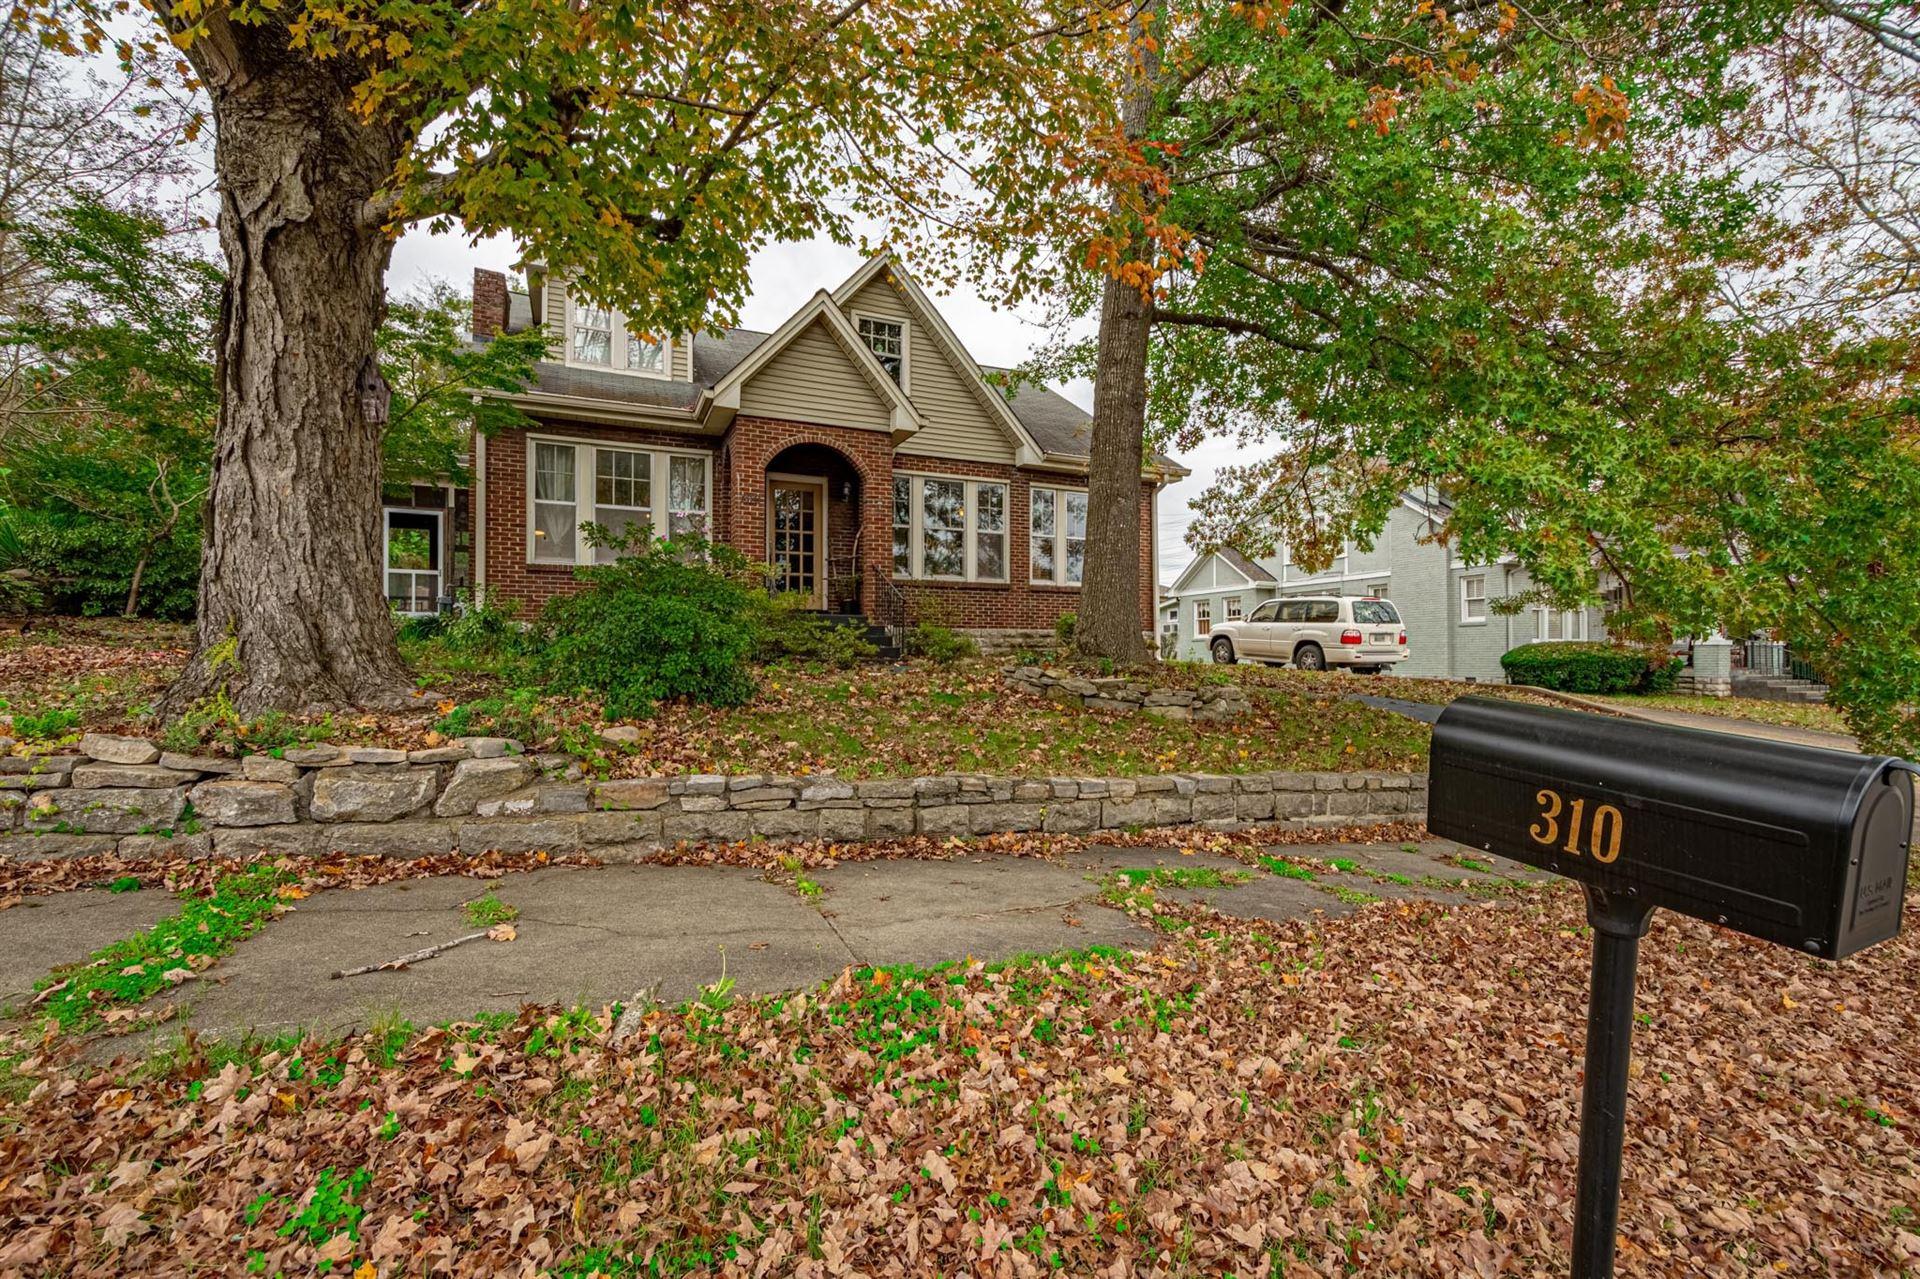 310 W Jefferson St, Pulaski, TN 38478 - MLS#: 2203936